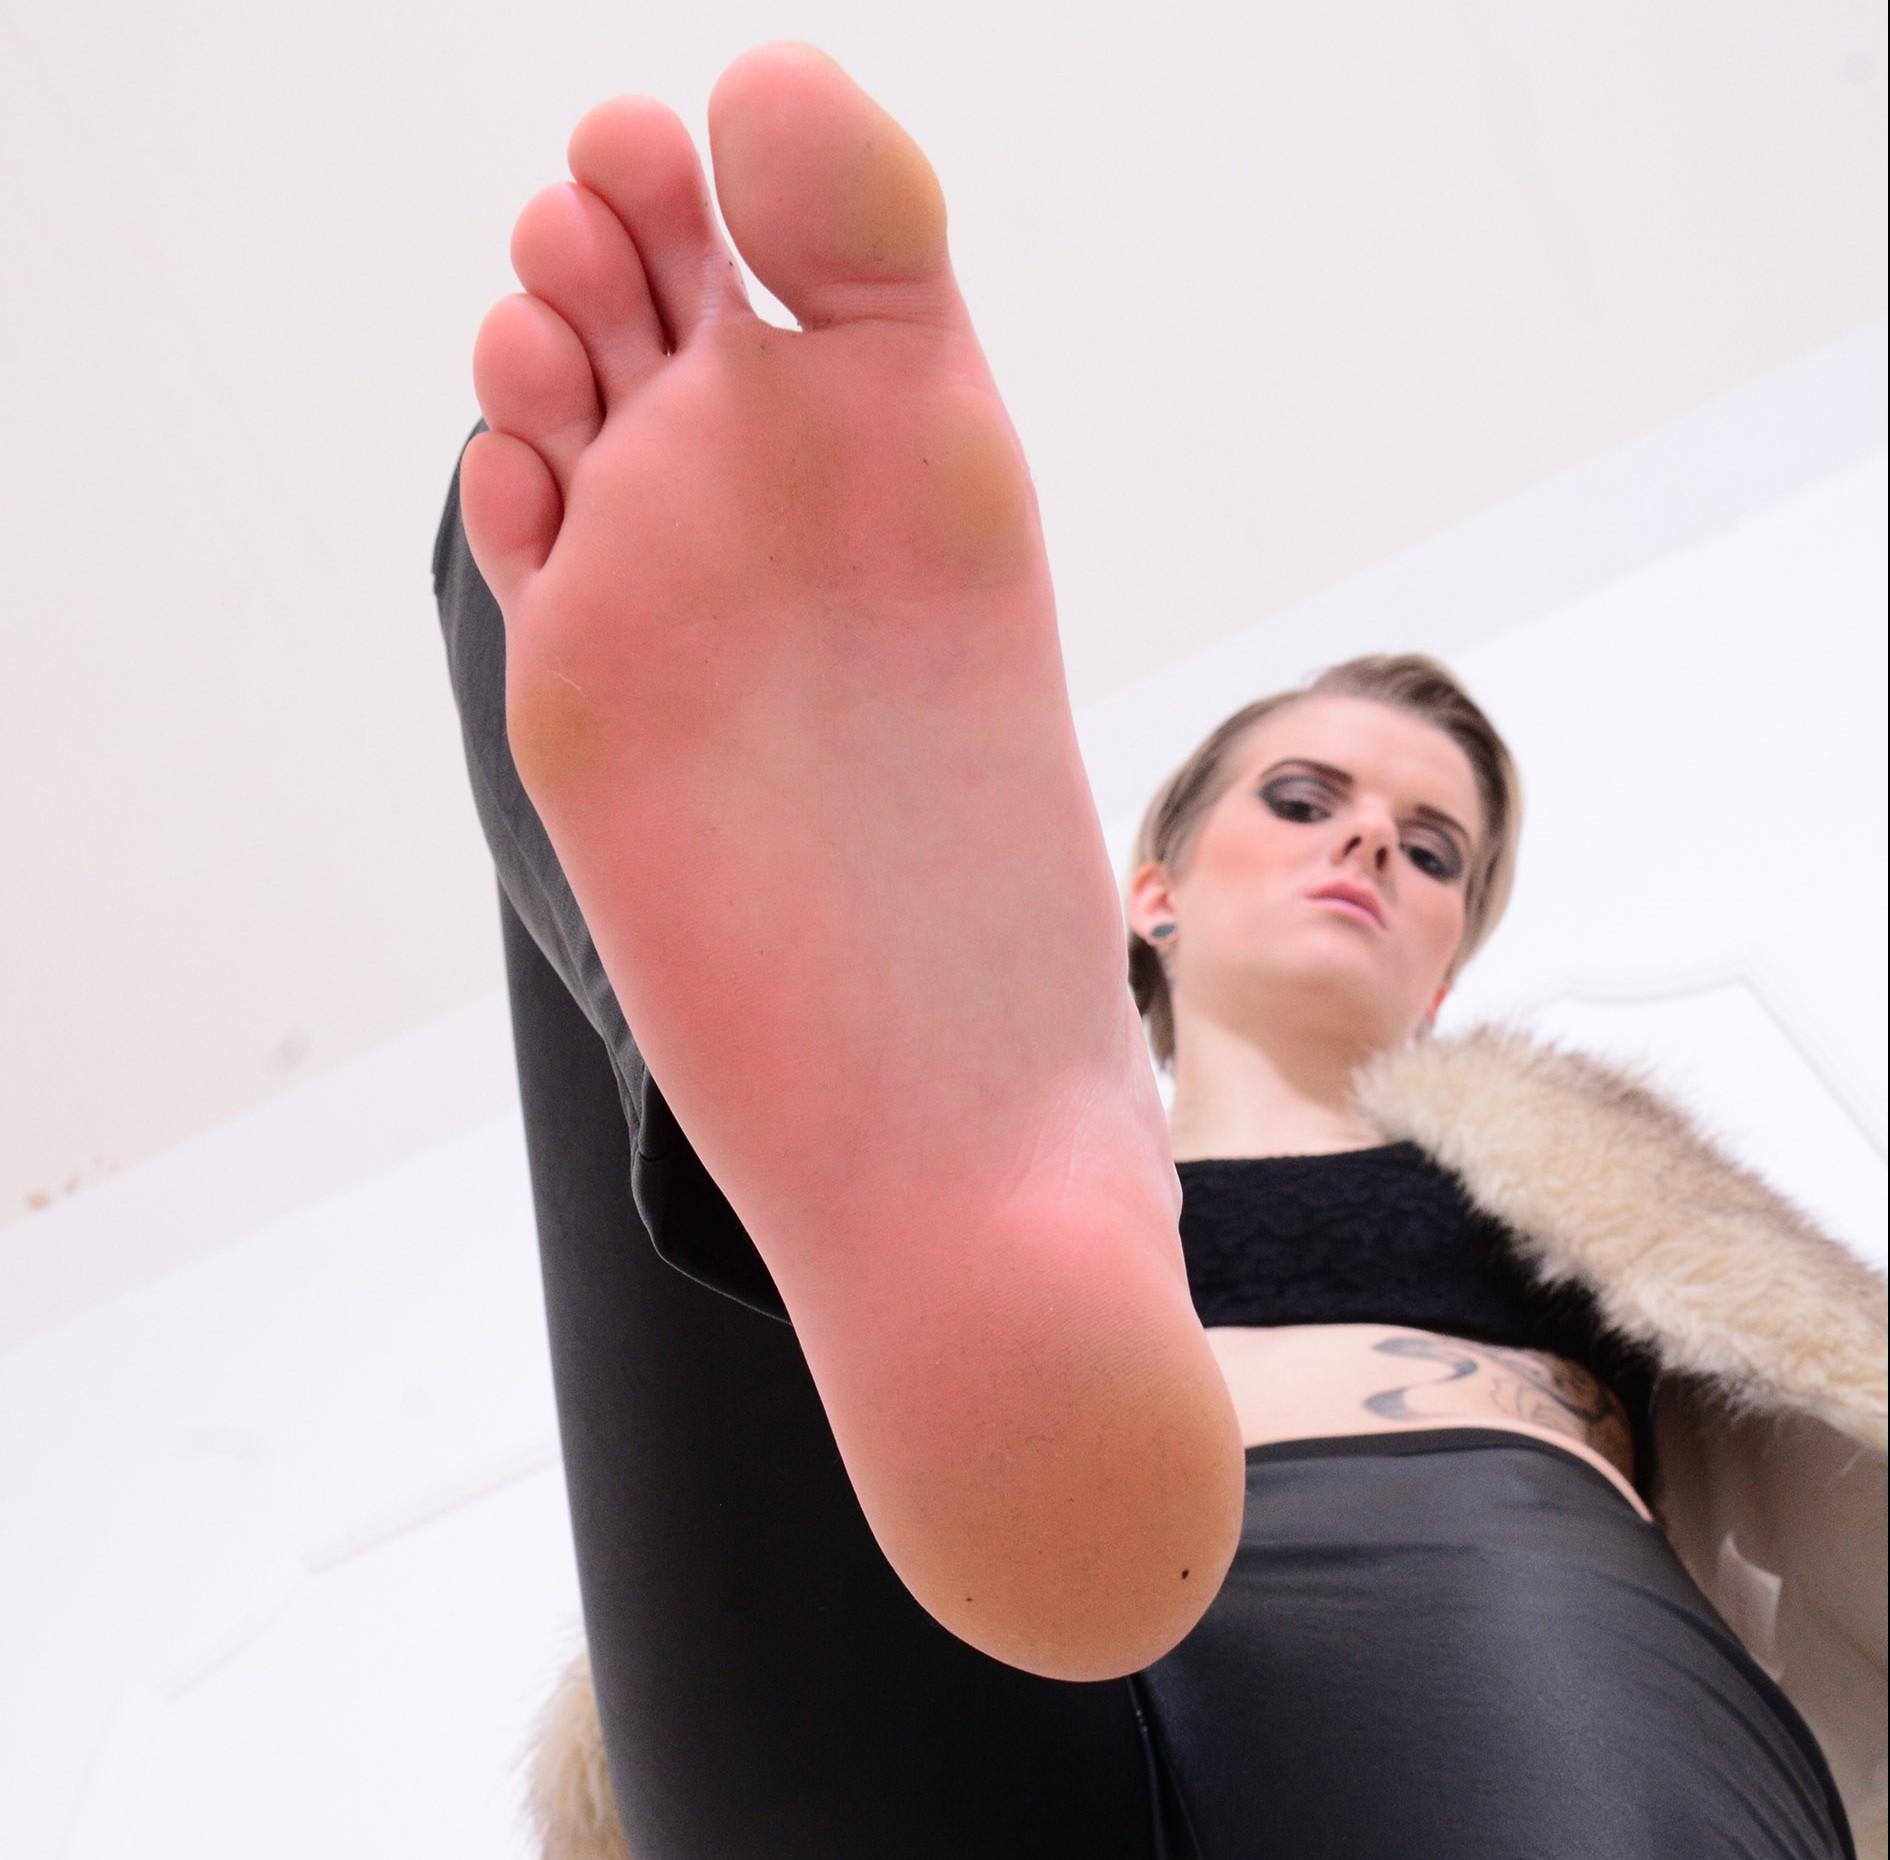 Mit nackten Füßen ins Gesicht